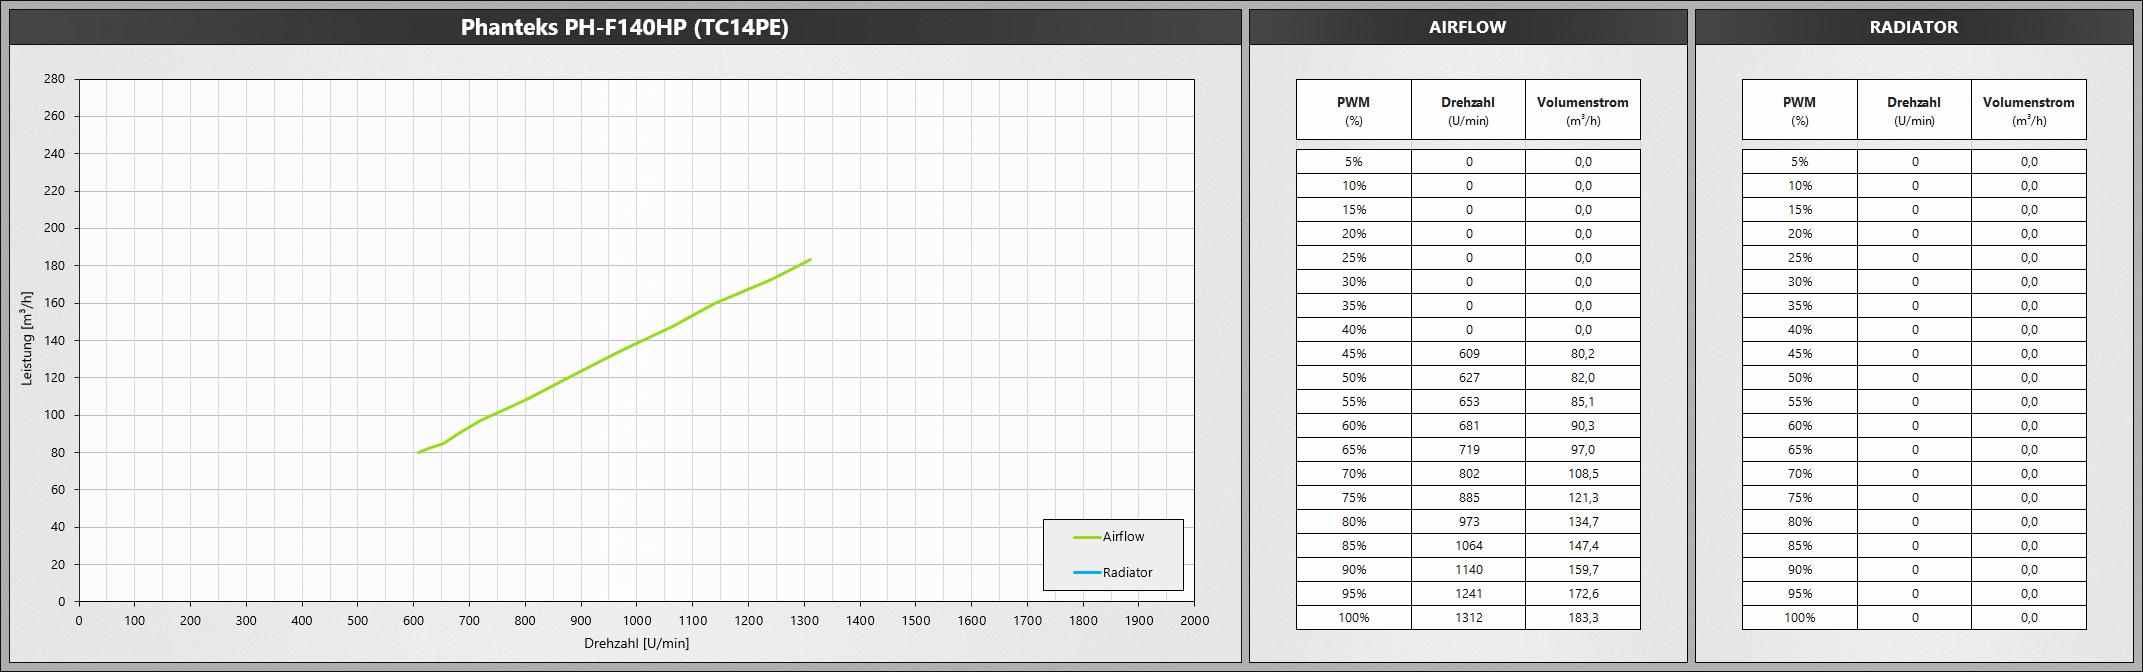 Klicken Sie auf die Grafik für eine größere Ansicht  Name:PhanteksF140HP-TC14PE.png Hits:650 Größe:464,0 KB ID:1074778